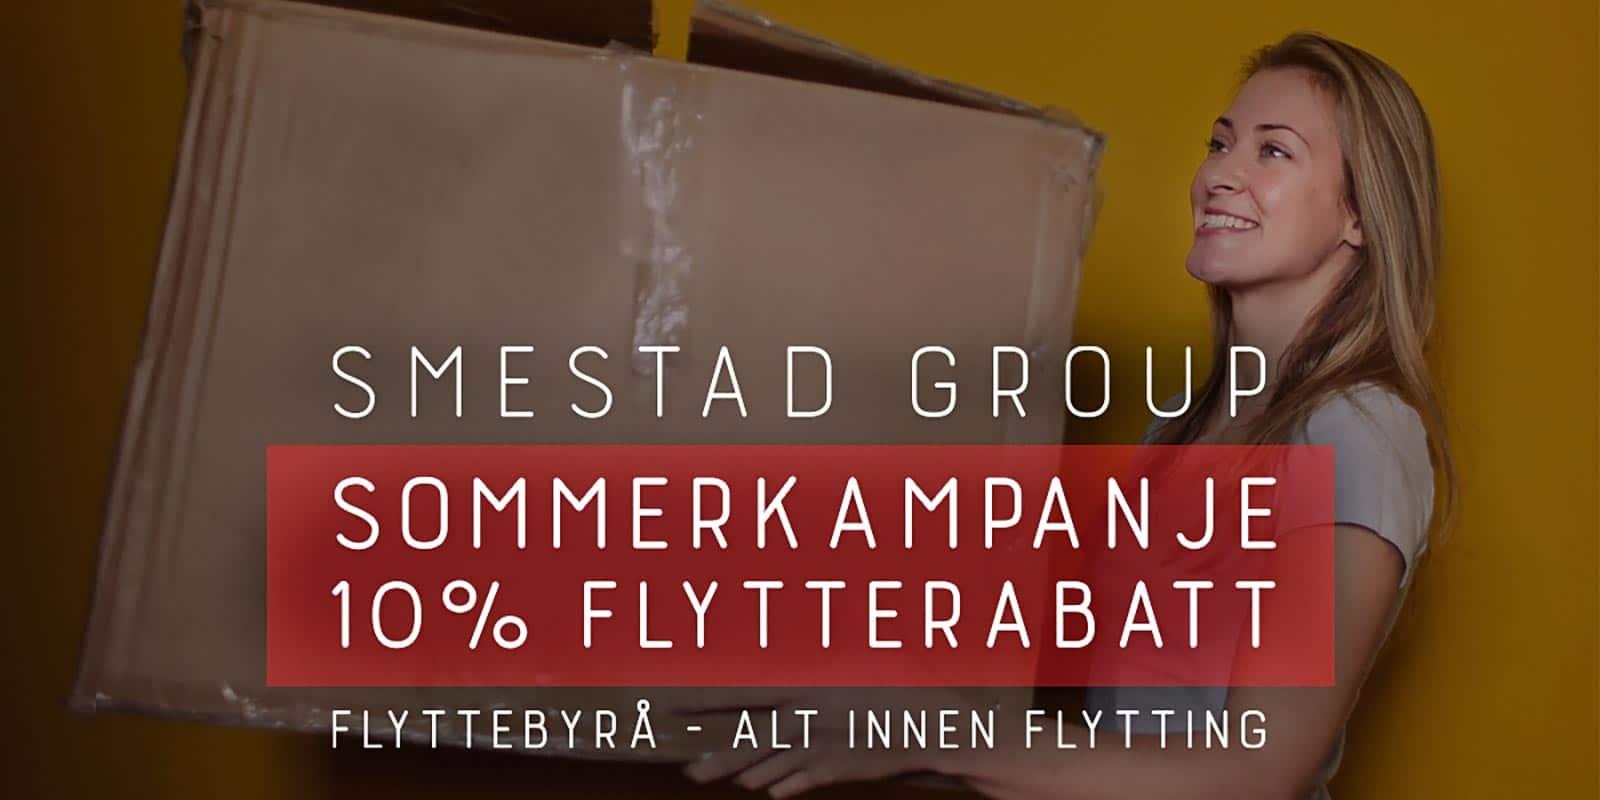 Smestad Group. Sommerkampanje